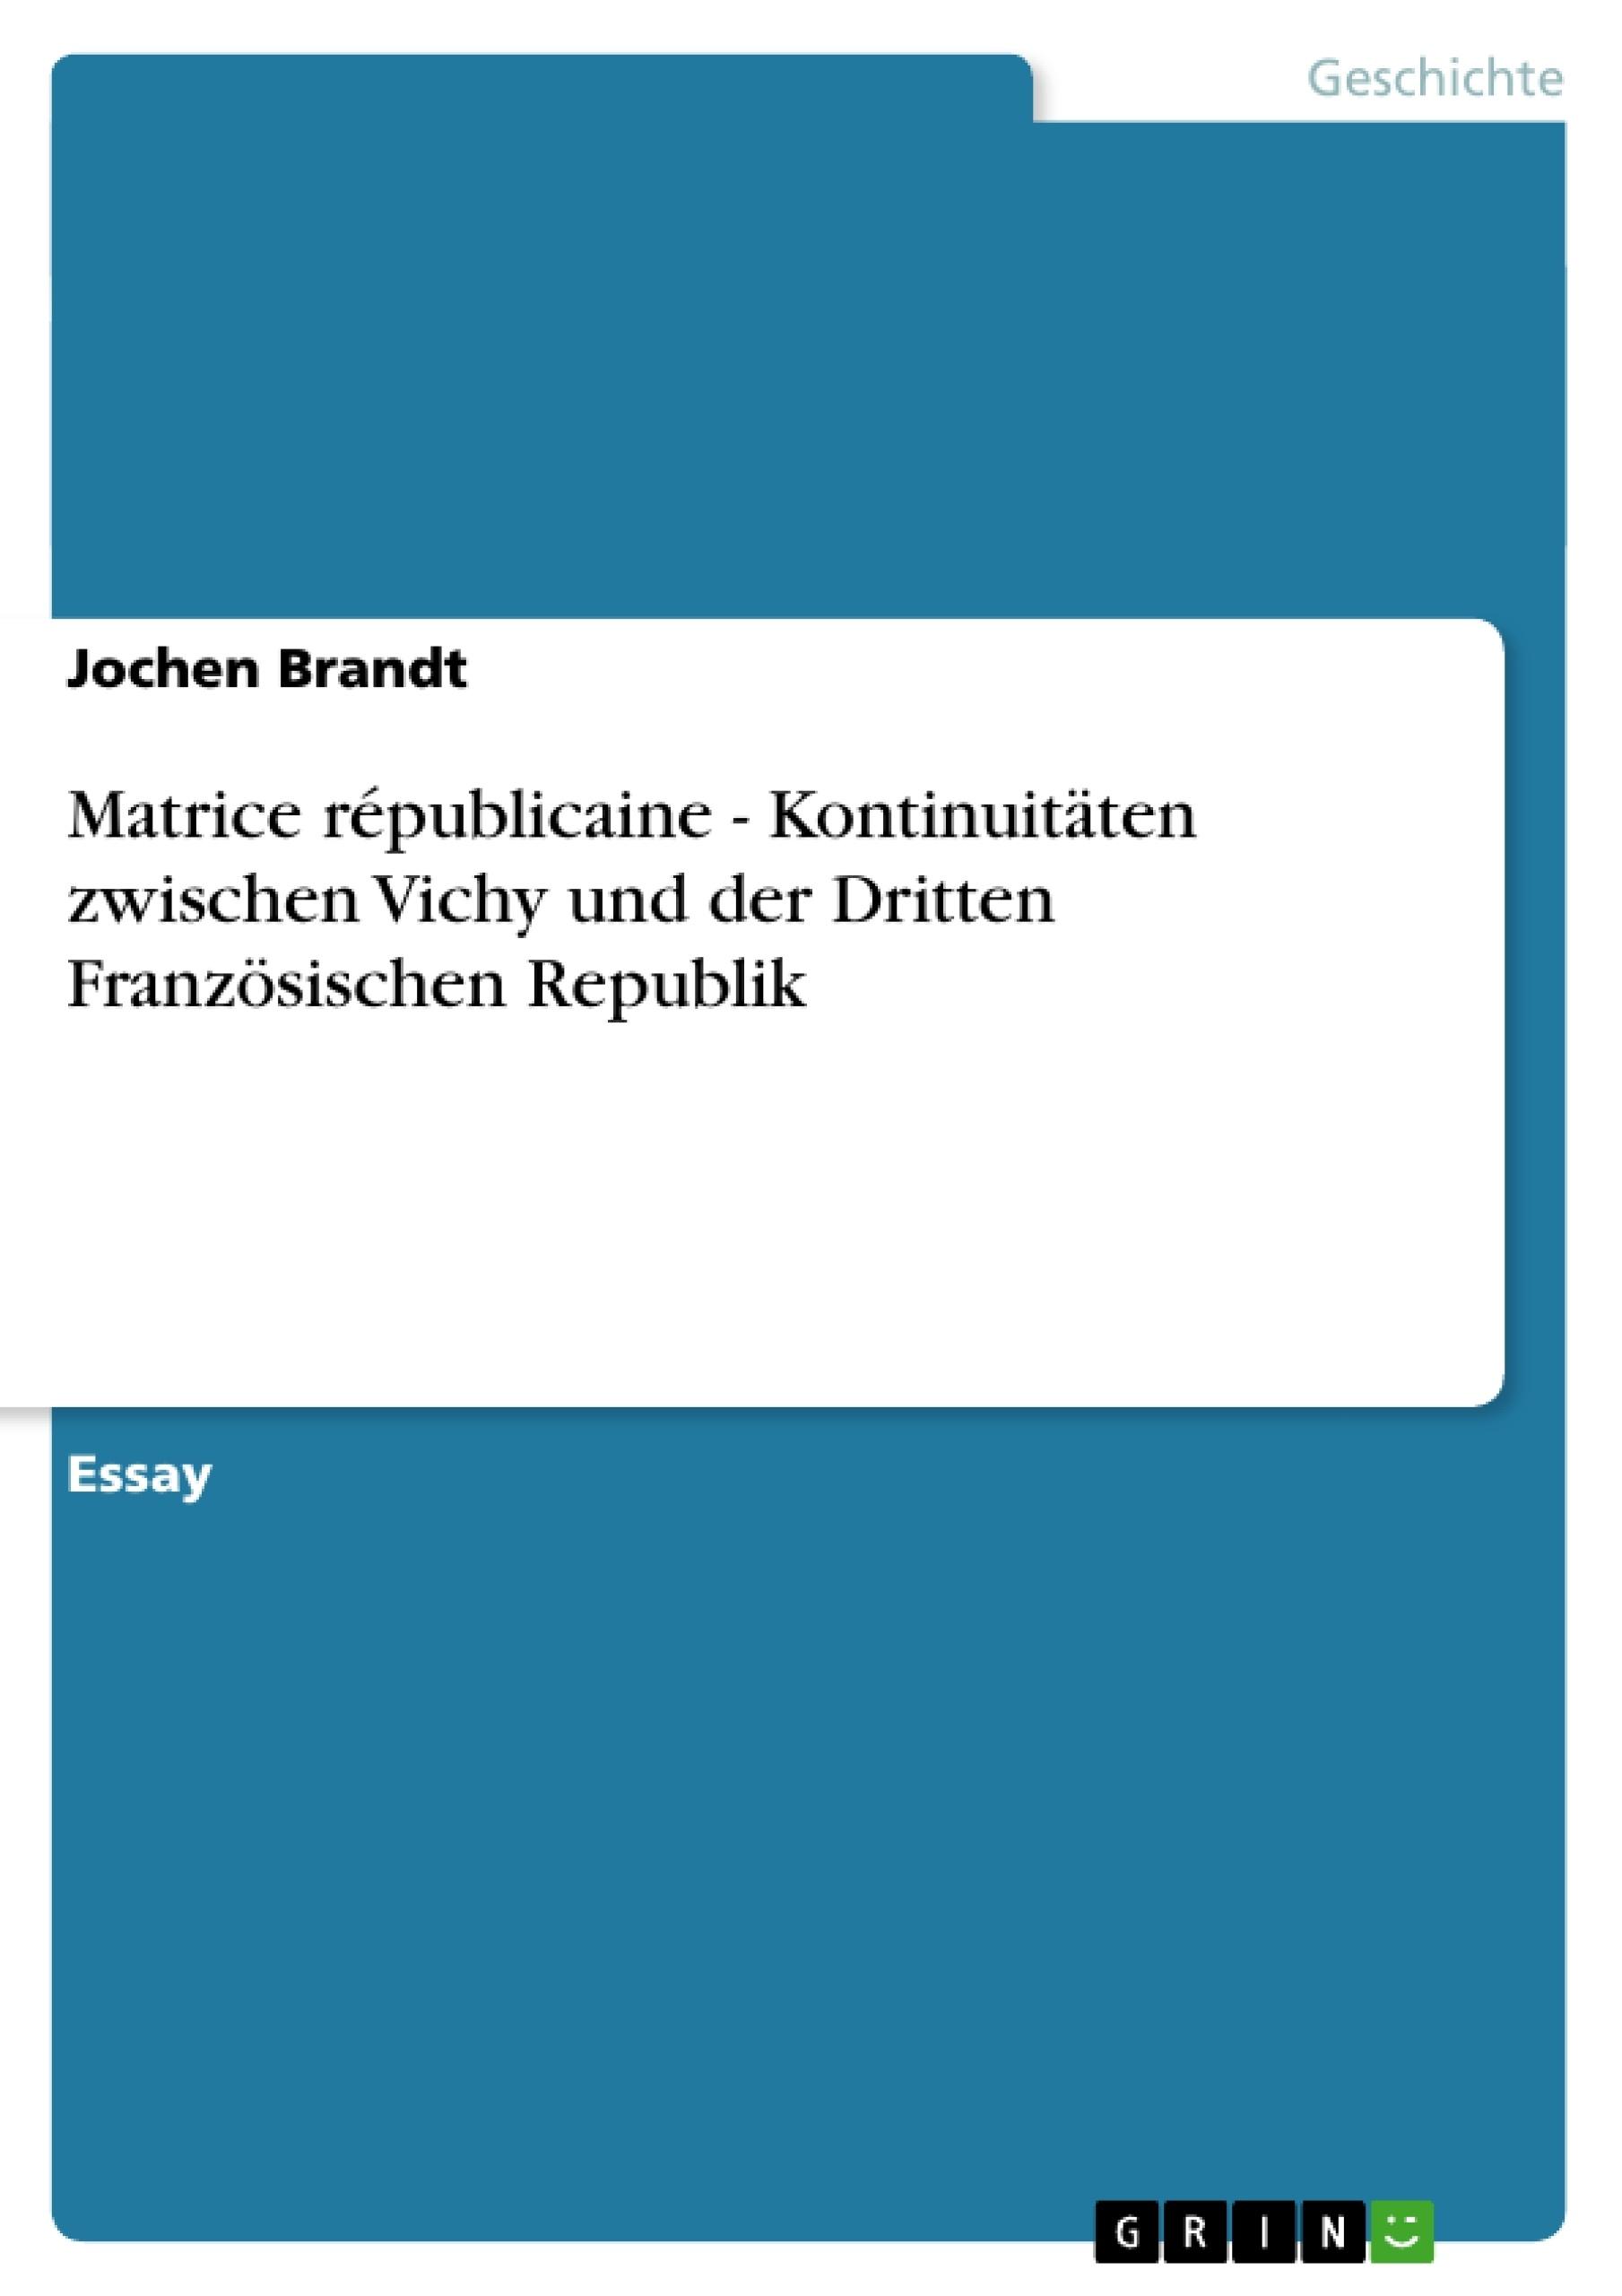 Titel: Matrice républicaine - Kontinuitäten zwischen Vichy und der Dritten Französischen Republik